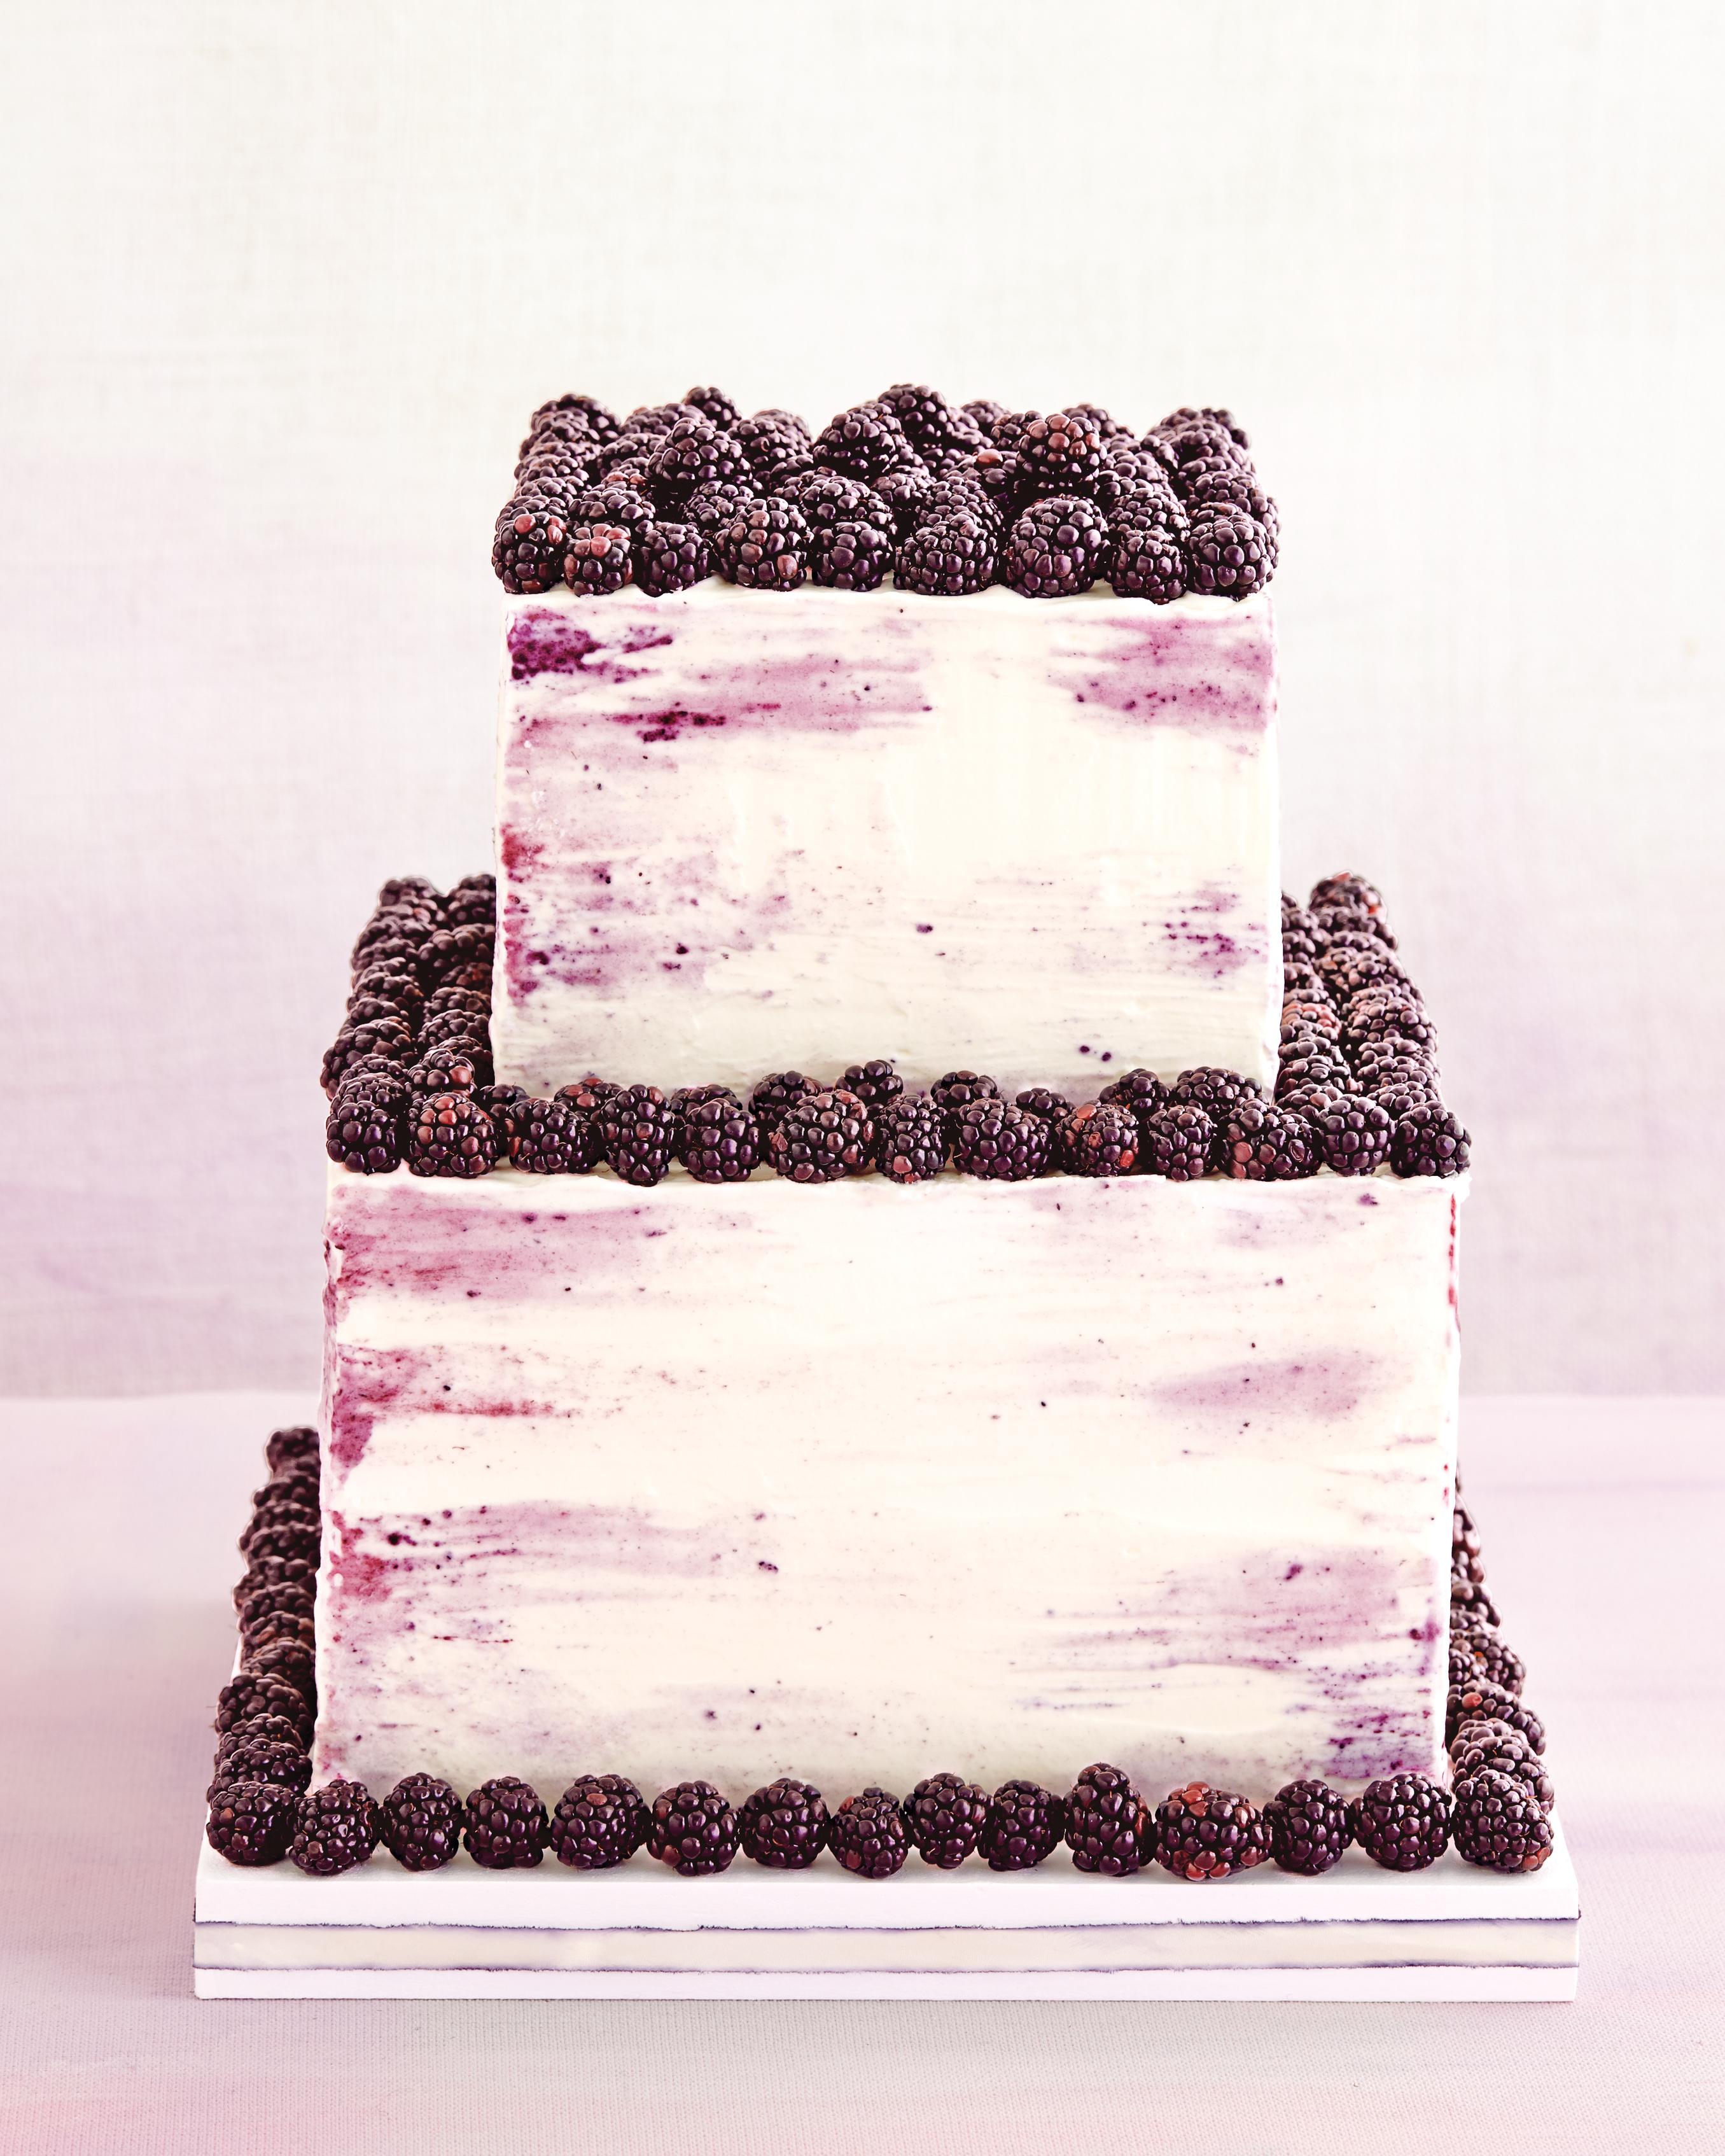 wedding-cake-purplish-berry-cream-206-d111828.jpg